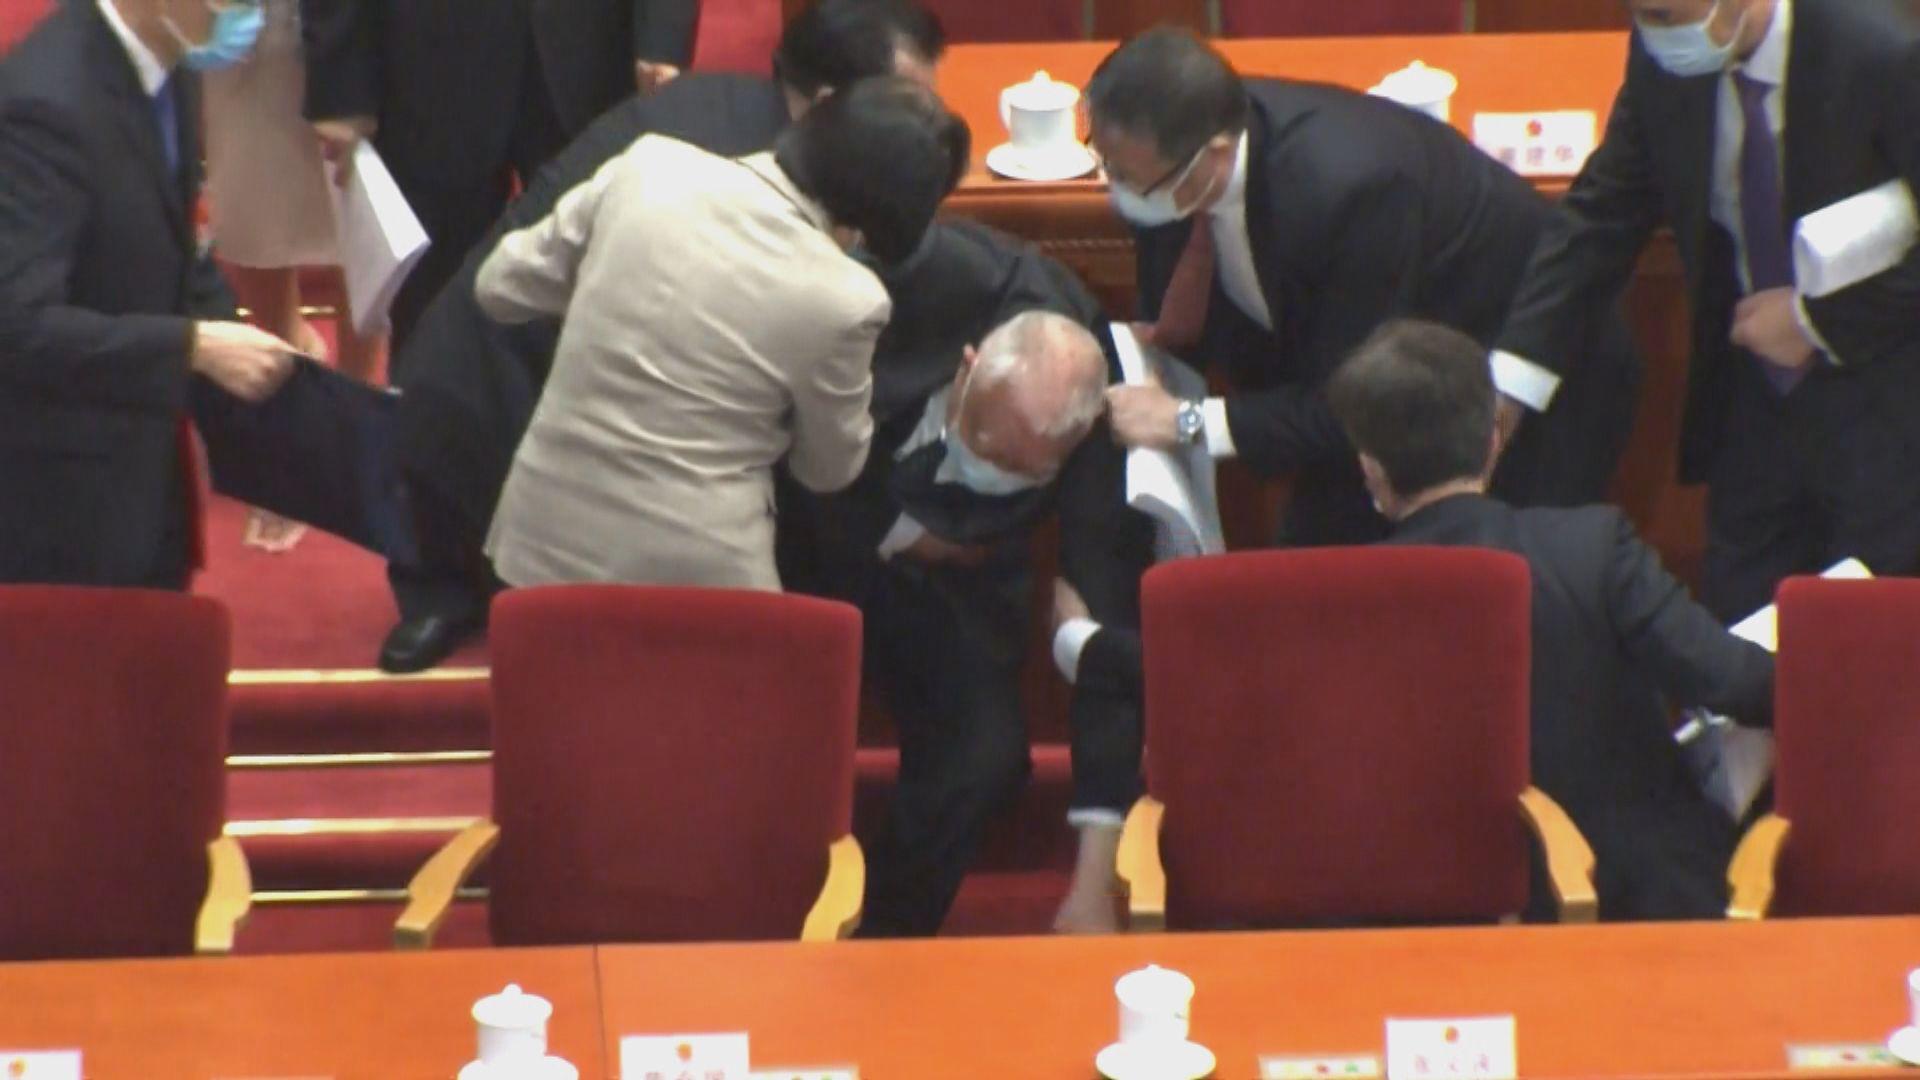 董建華全國人大會議開幕離場時跌倒 梁振英陪同離開